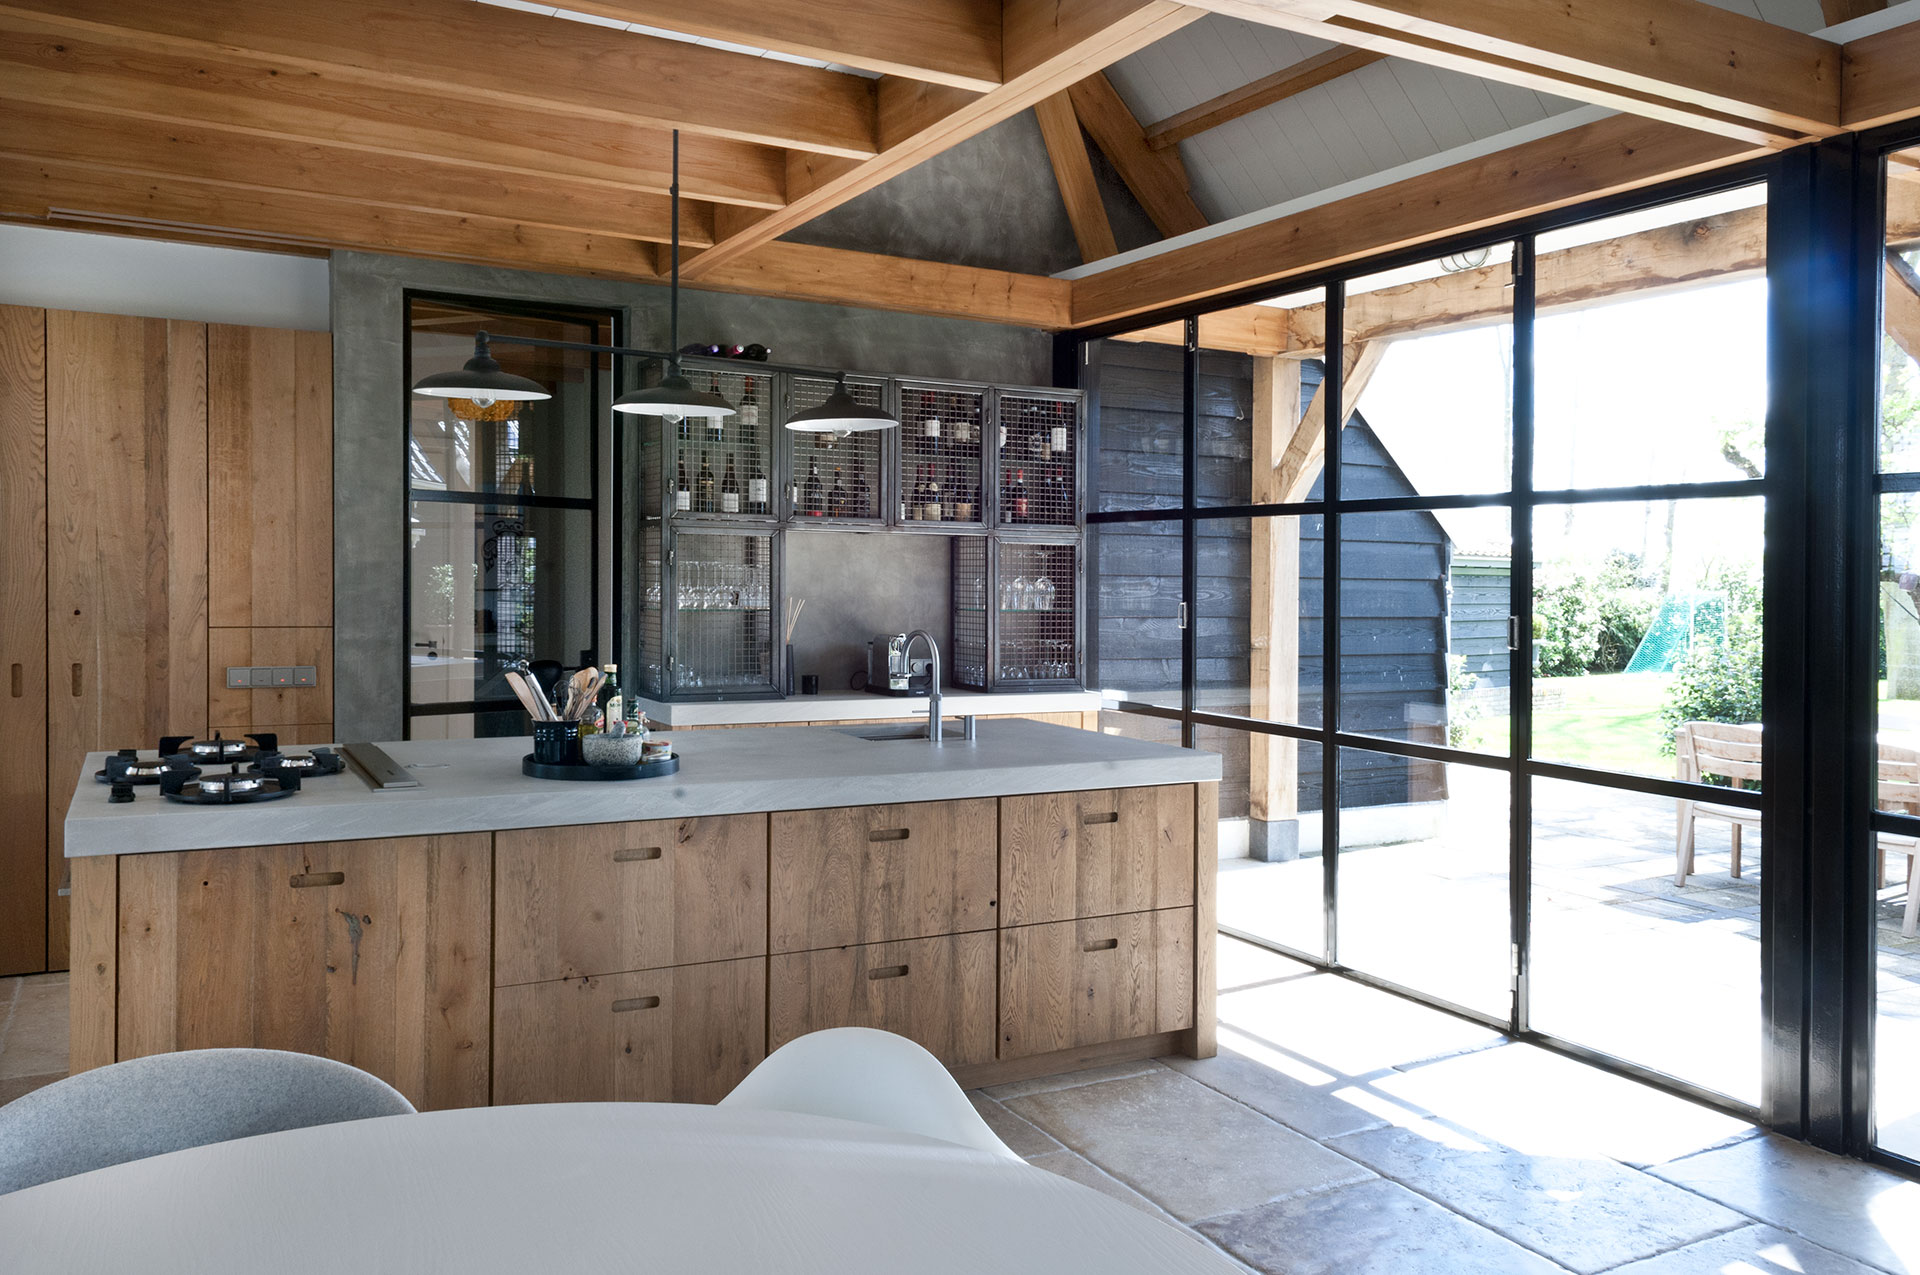 Keuken in vakantiehuis